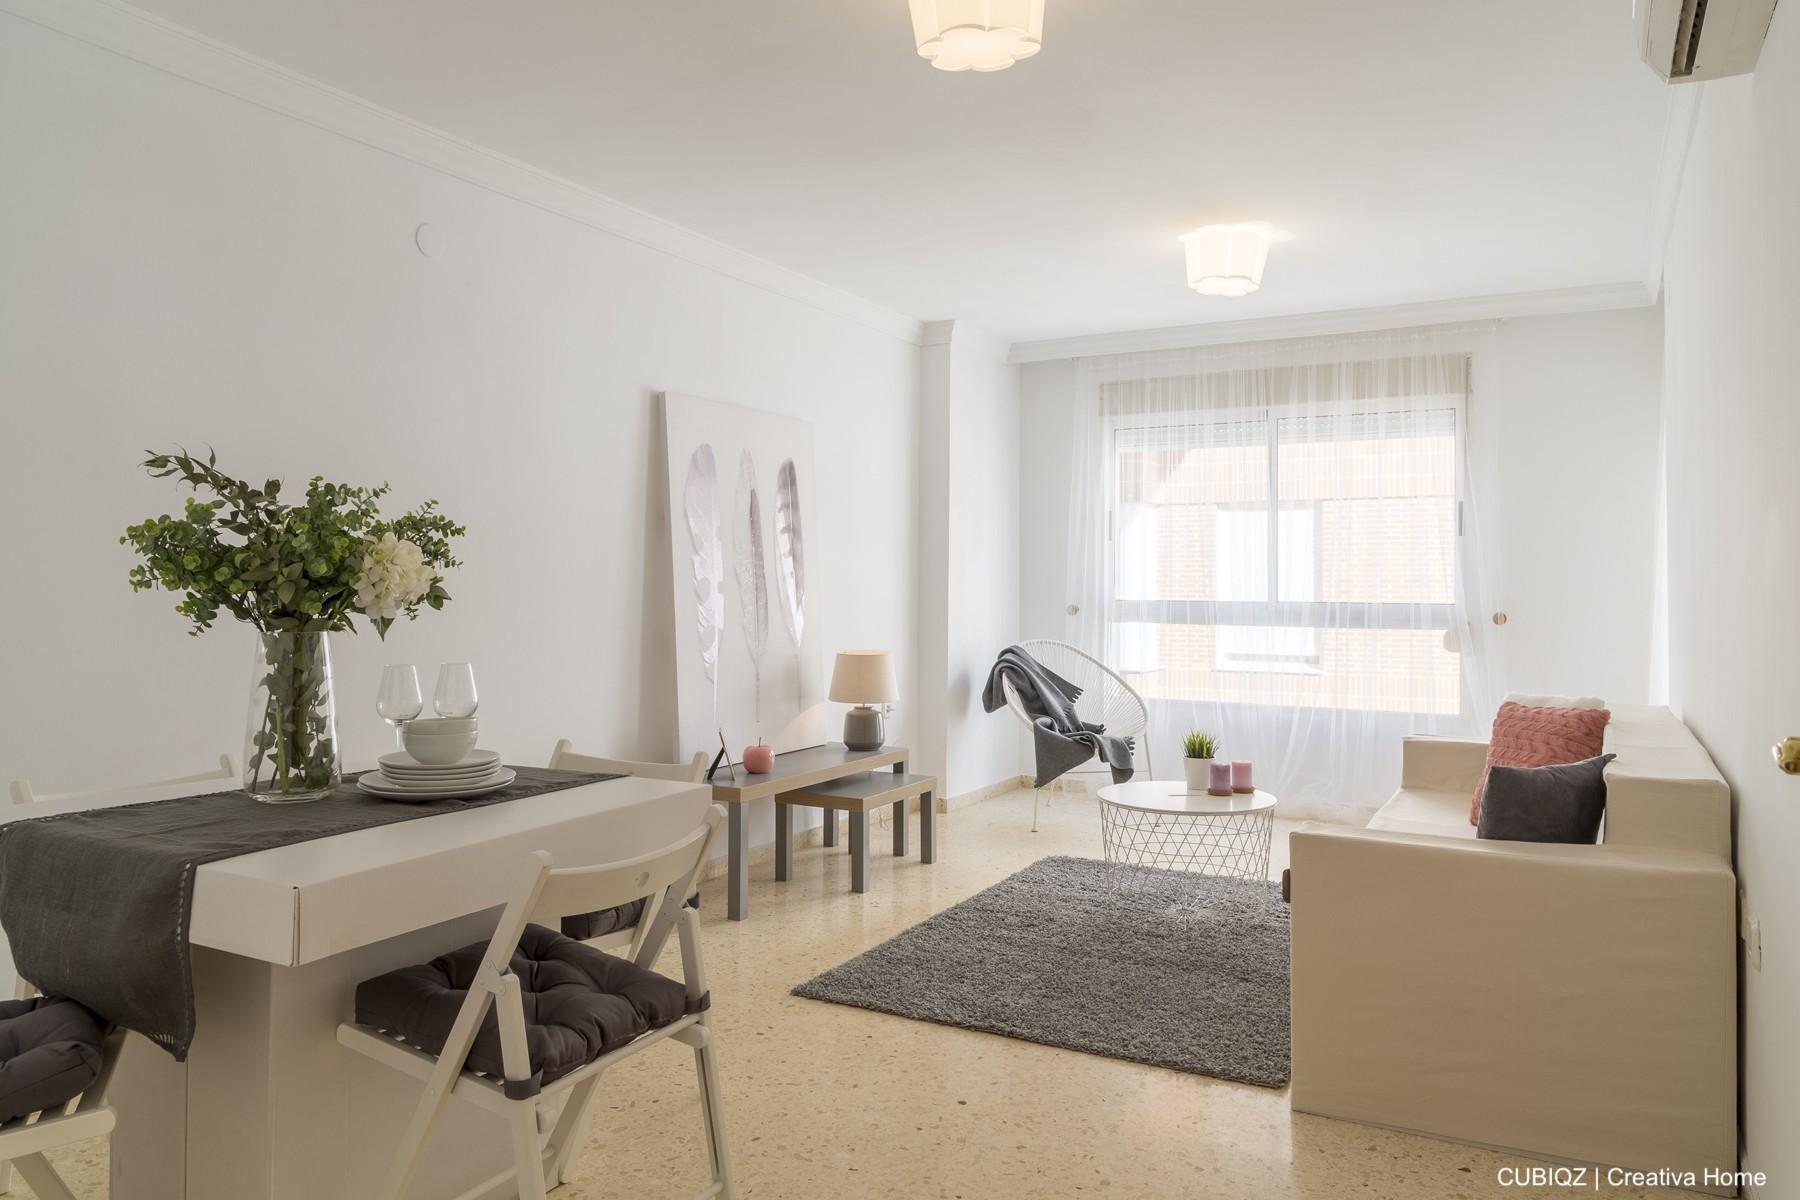 01. HomeStaging con muebles de cartón cubiqz para salón